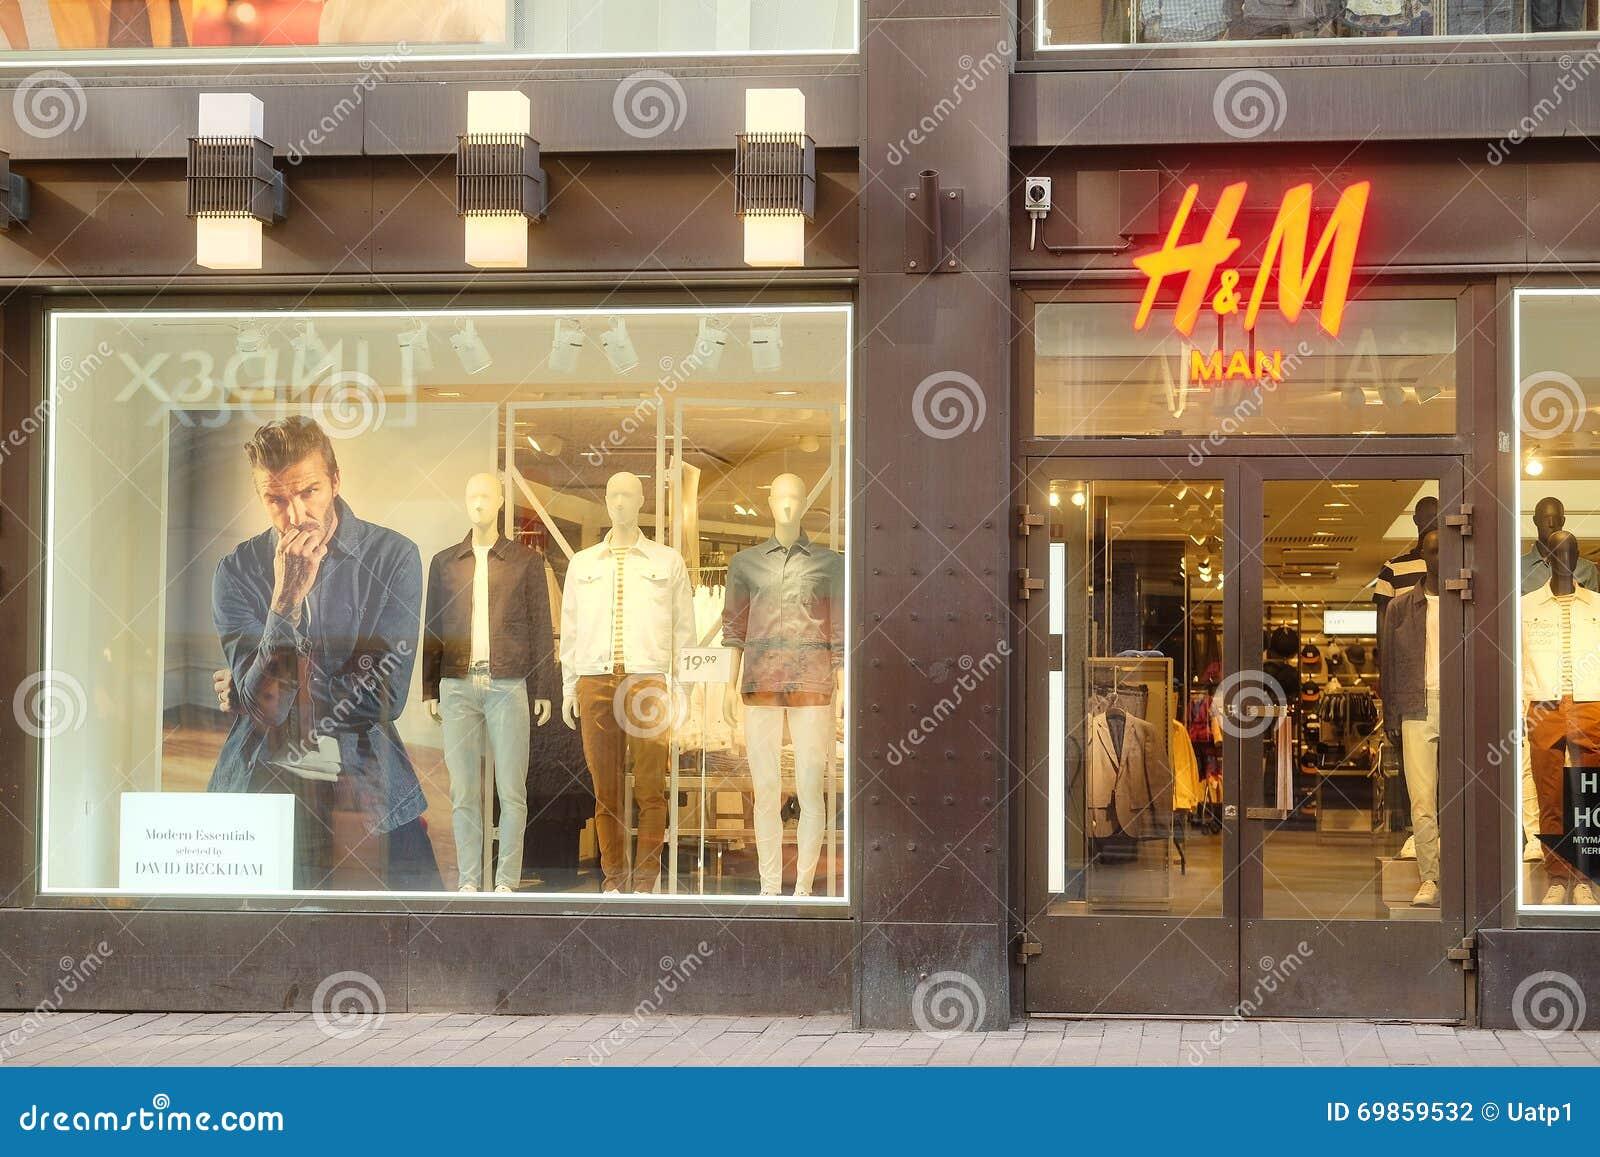 Nuoret miehet harrastavat nyt intohimoisesti persoonallista ja vastuullista pukeutumista – moni hankkii vaatteensa käytettynä